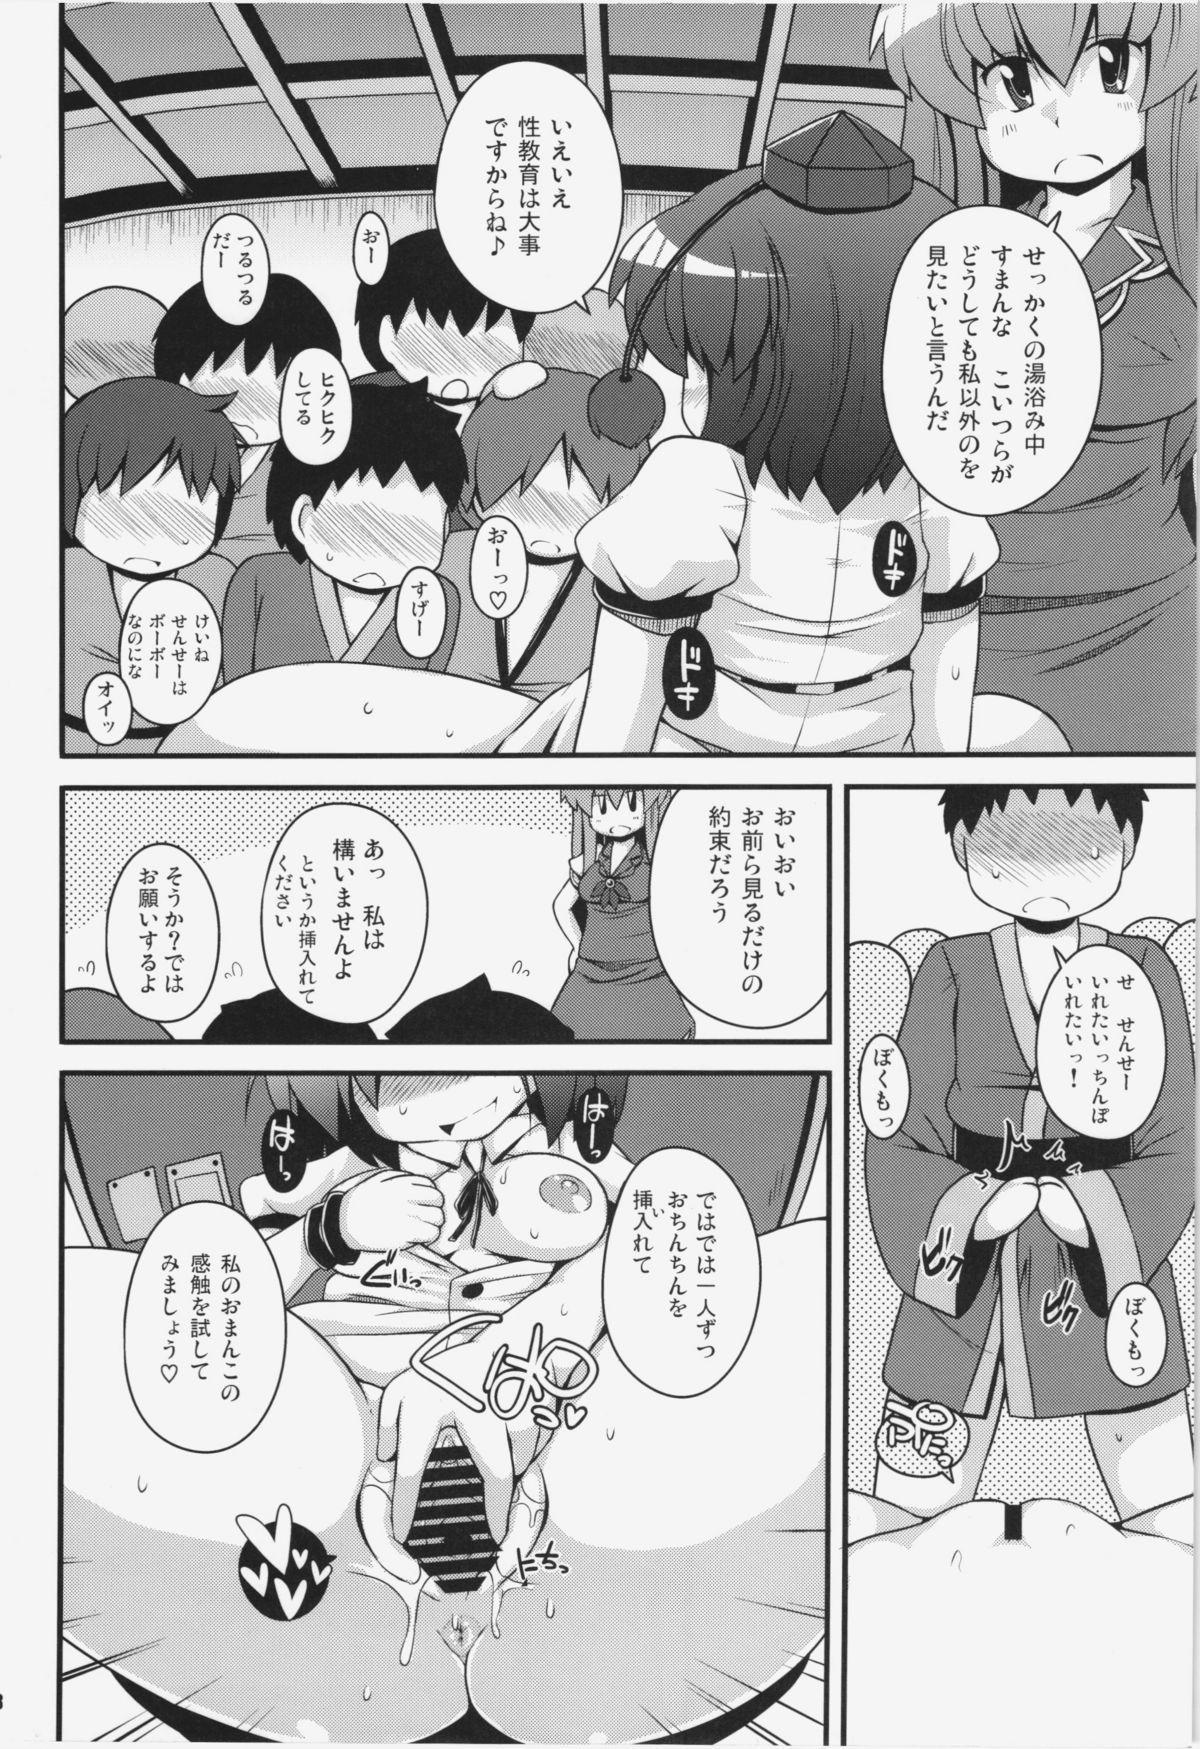 Ketsu darake Touhou Soushuuhen + 127